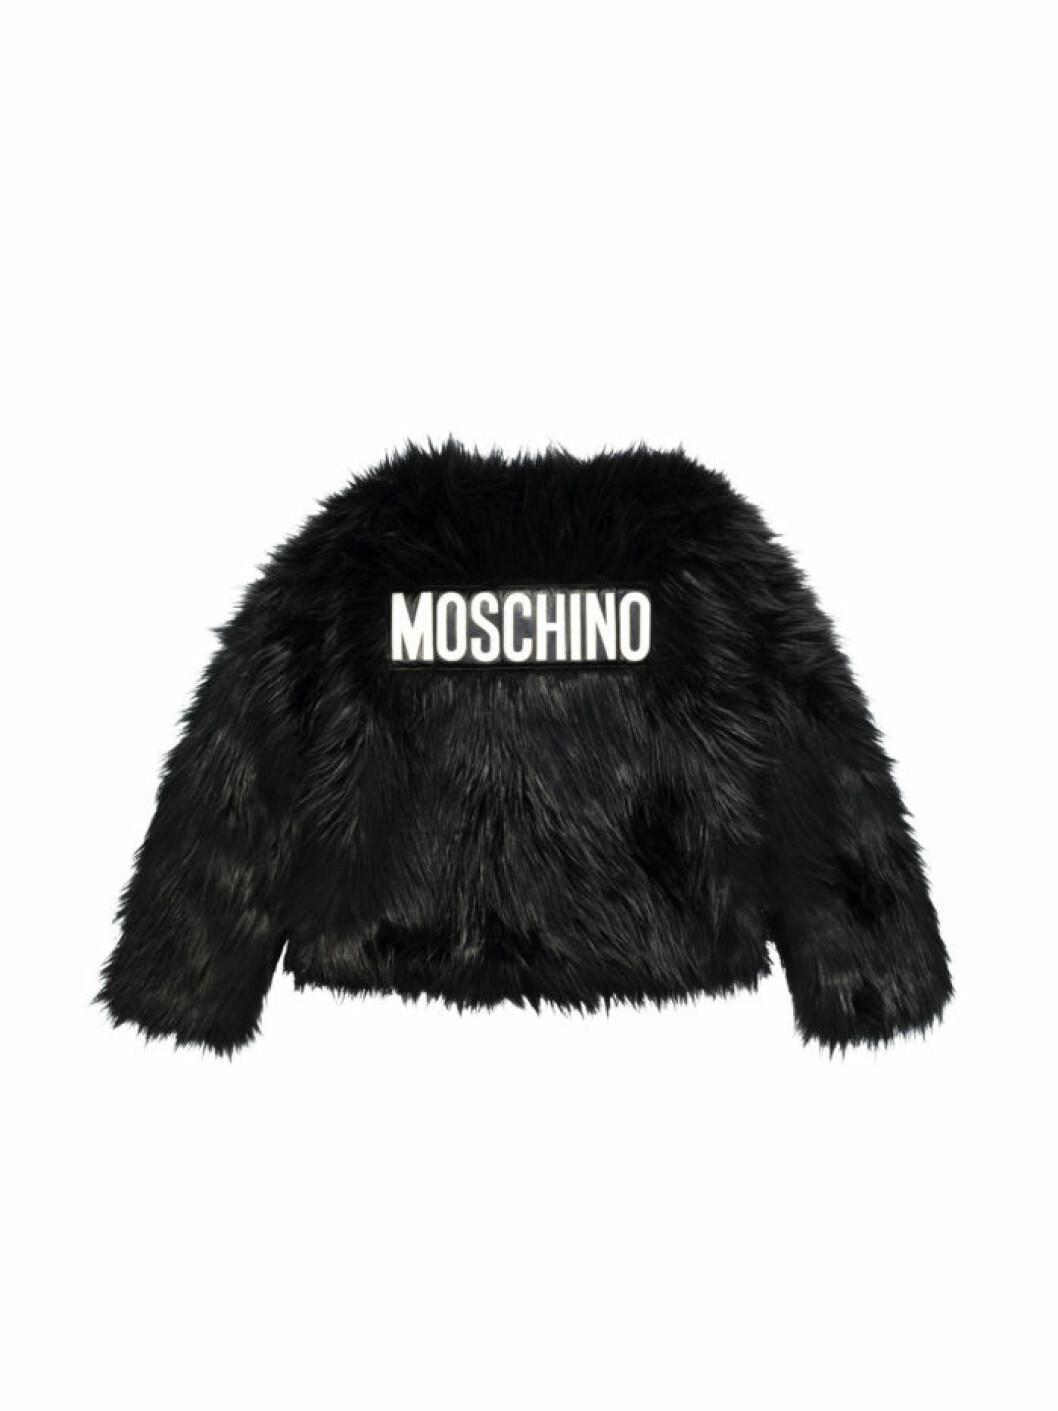 Svart kort fuskpäls med Moschino-logo på ryggen Moschino [tv] H&M